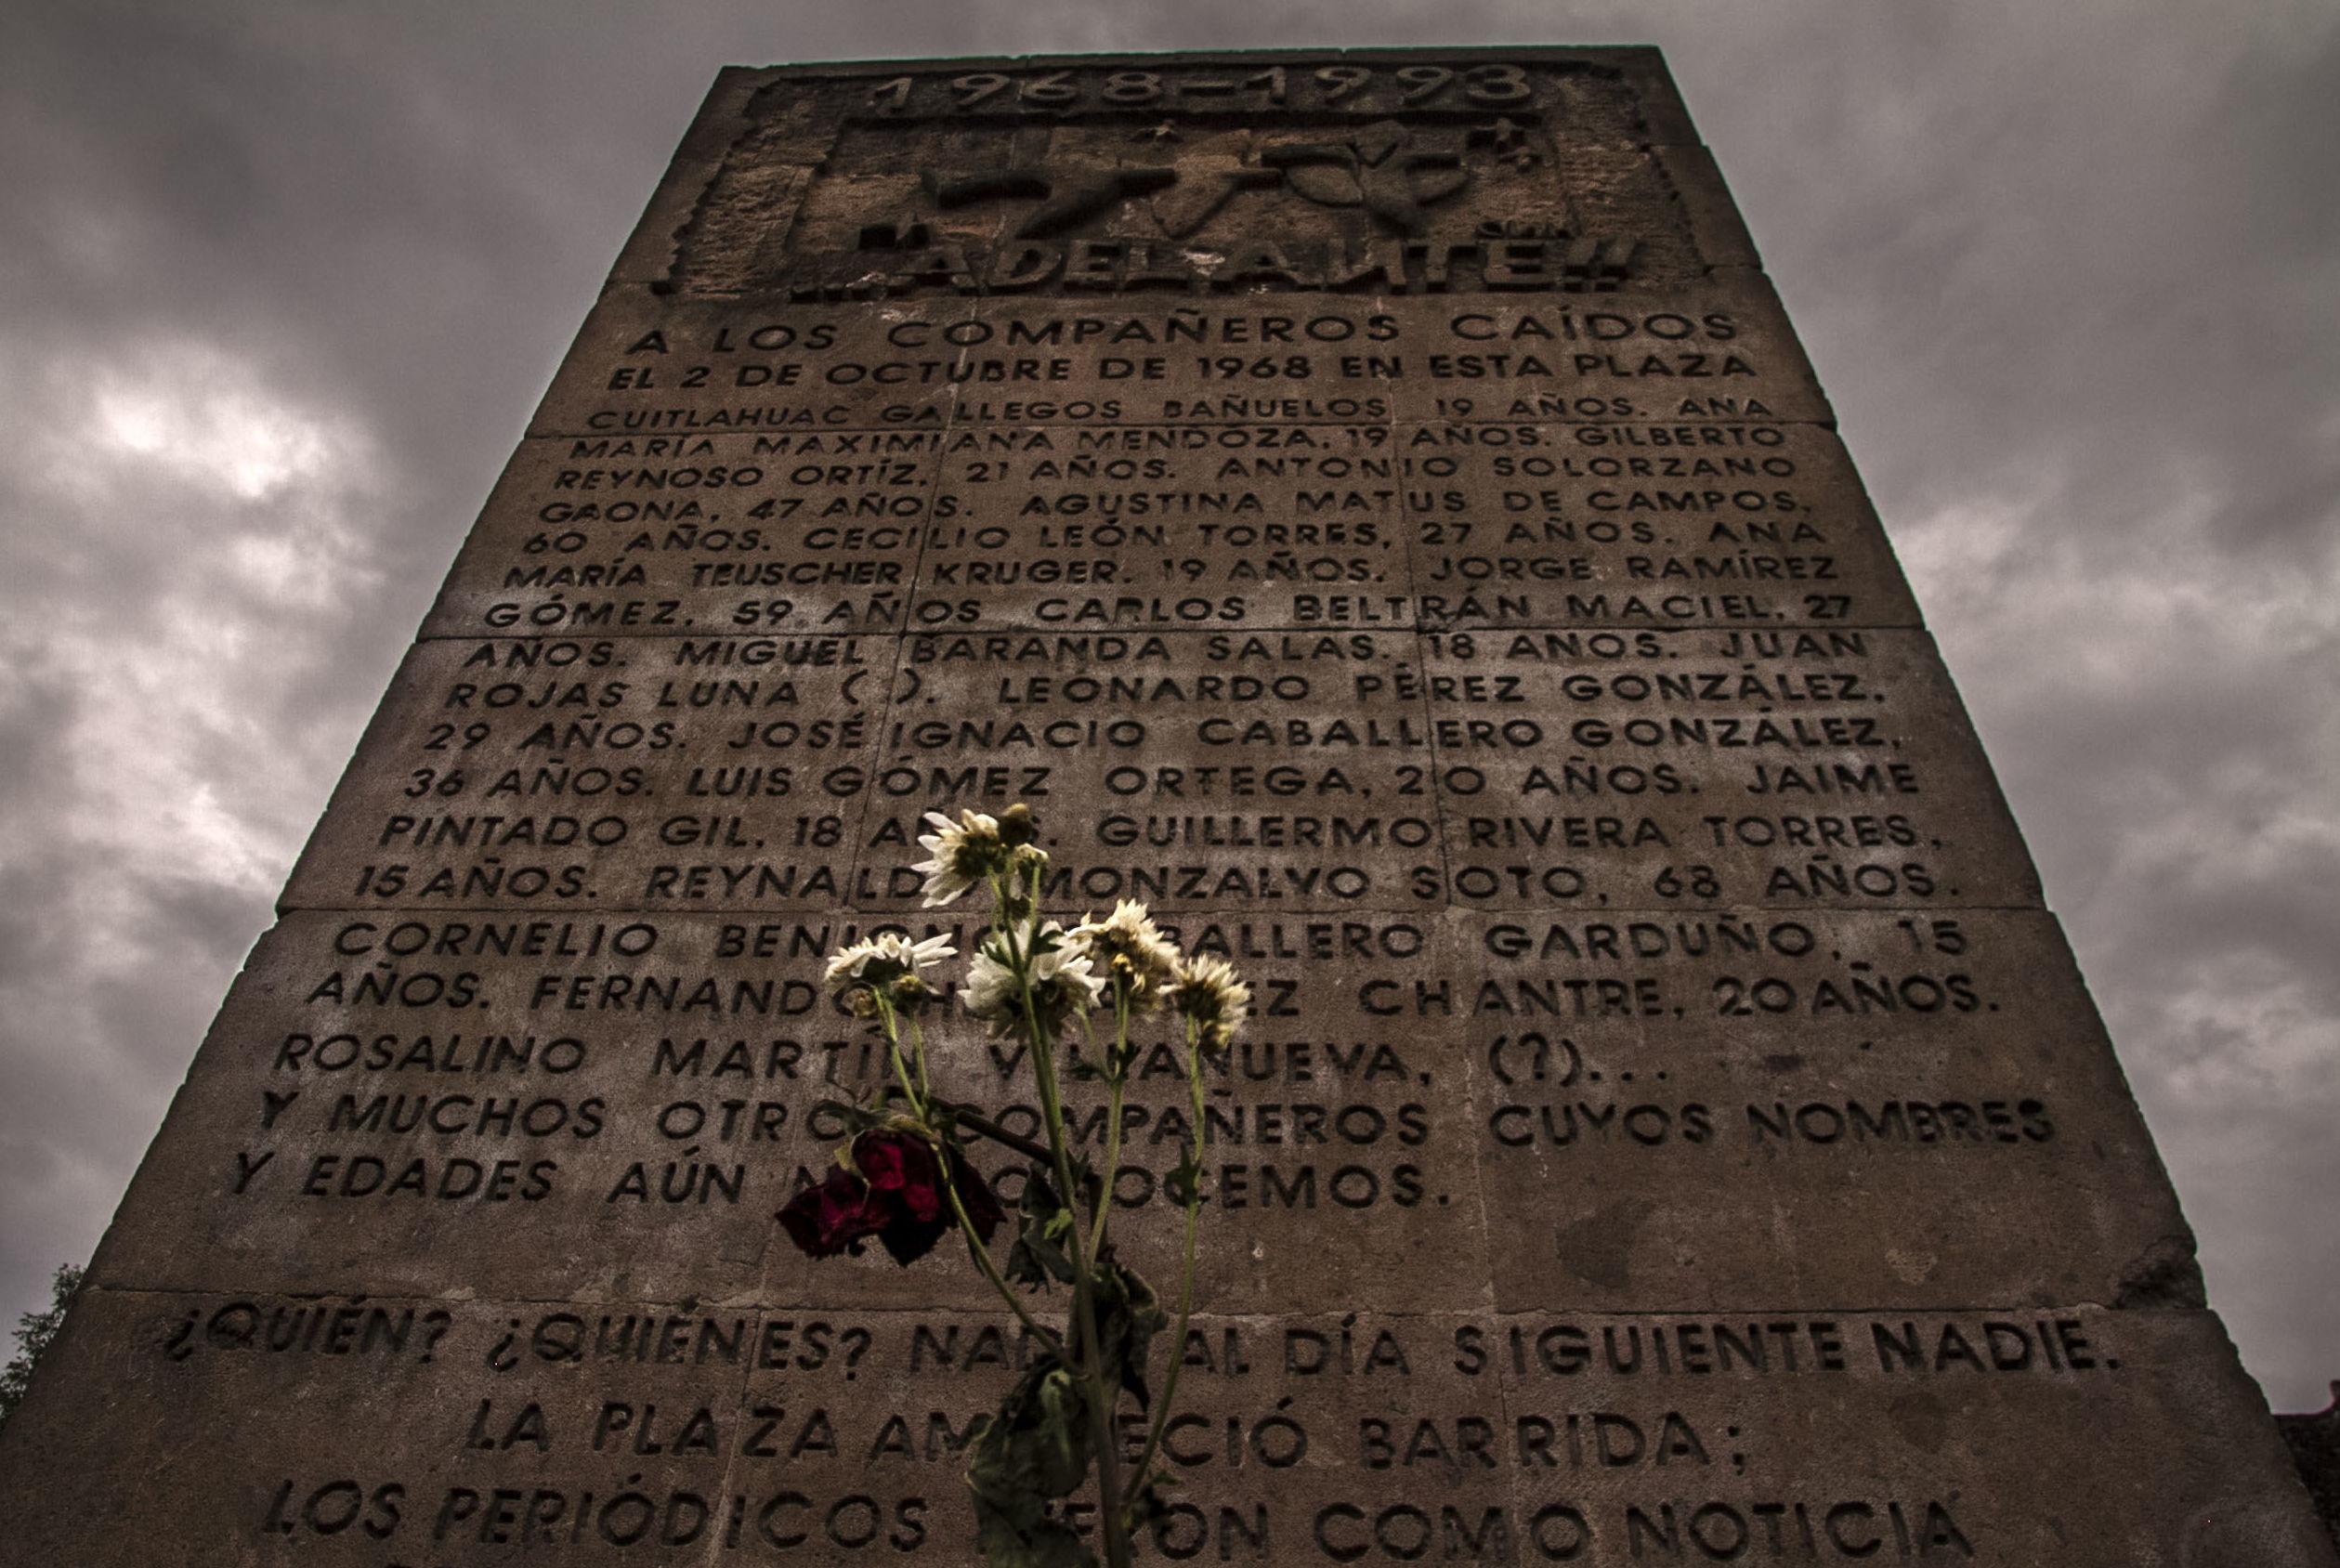 Monolito que recuerda los nombres de las víctimas fatales de este crimen de Estado